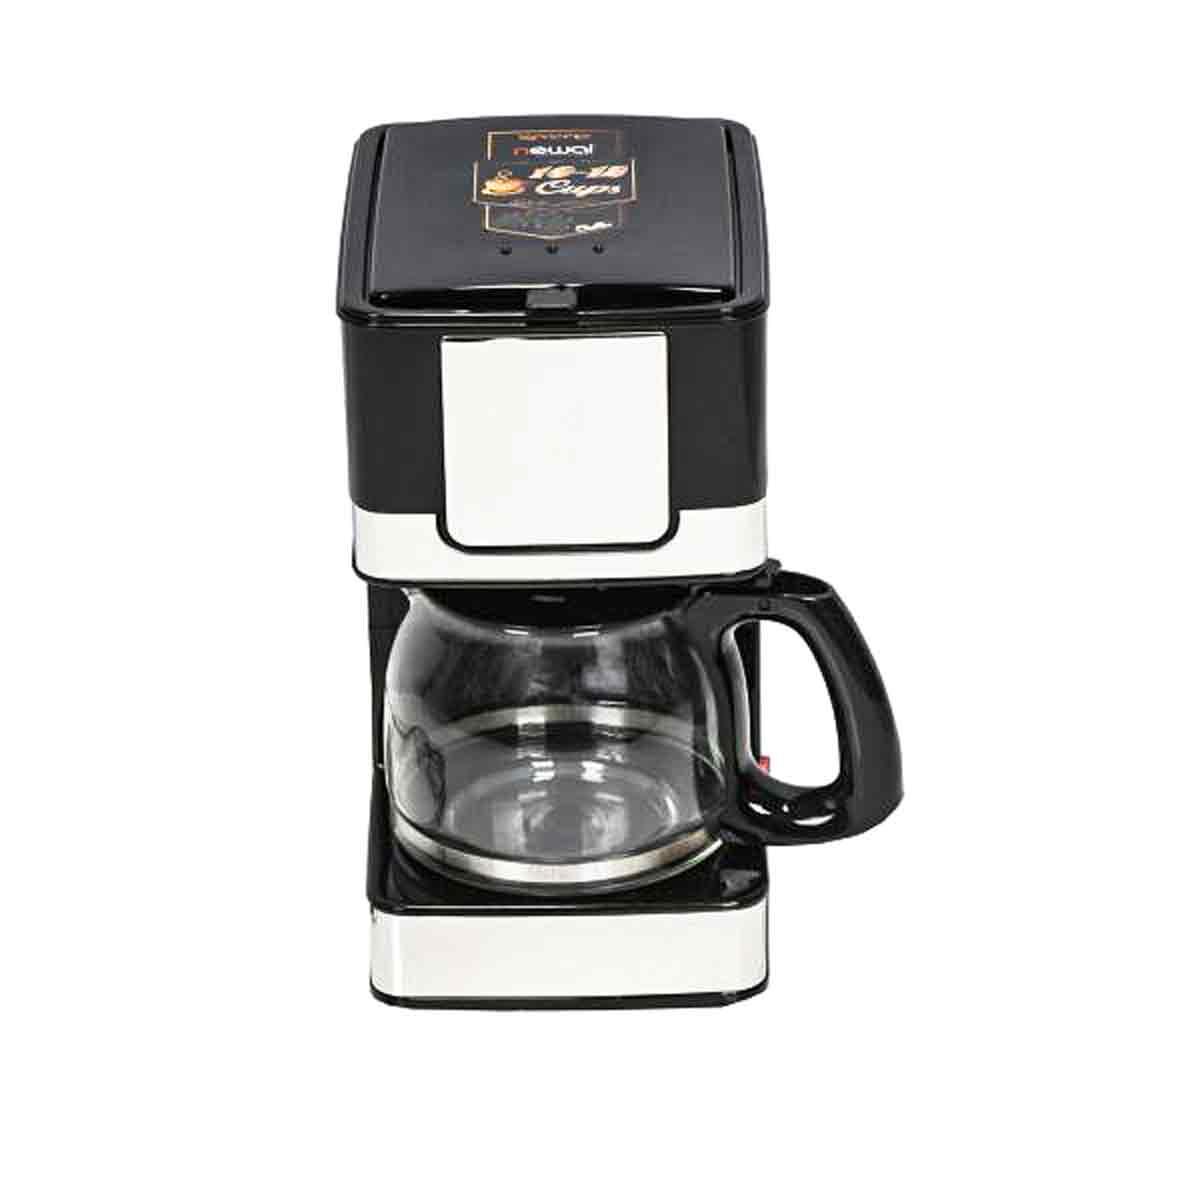 قهوه ساز نوال مدل Nwl 3830